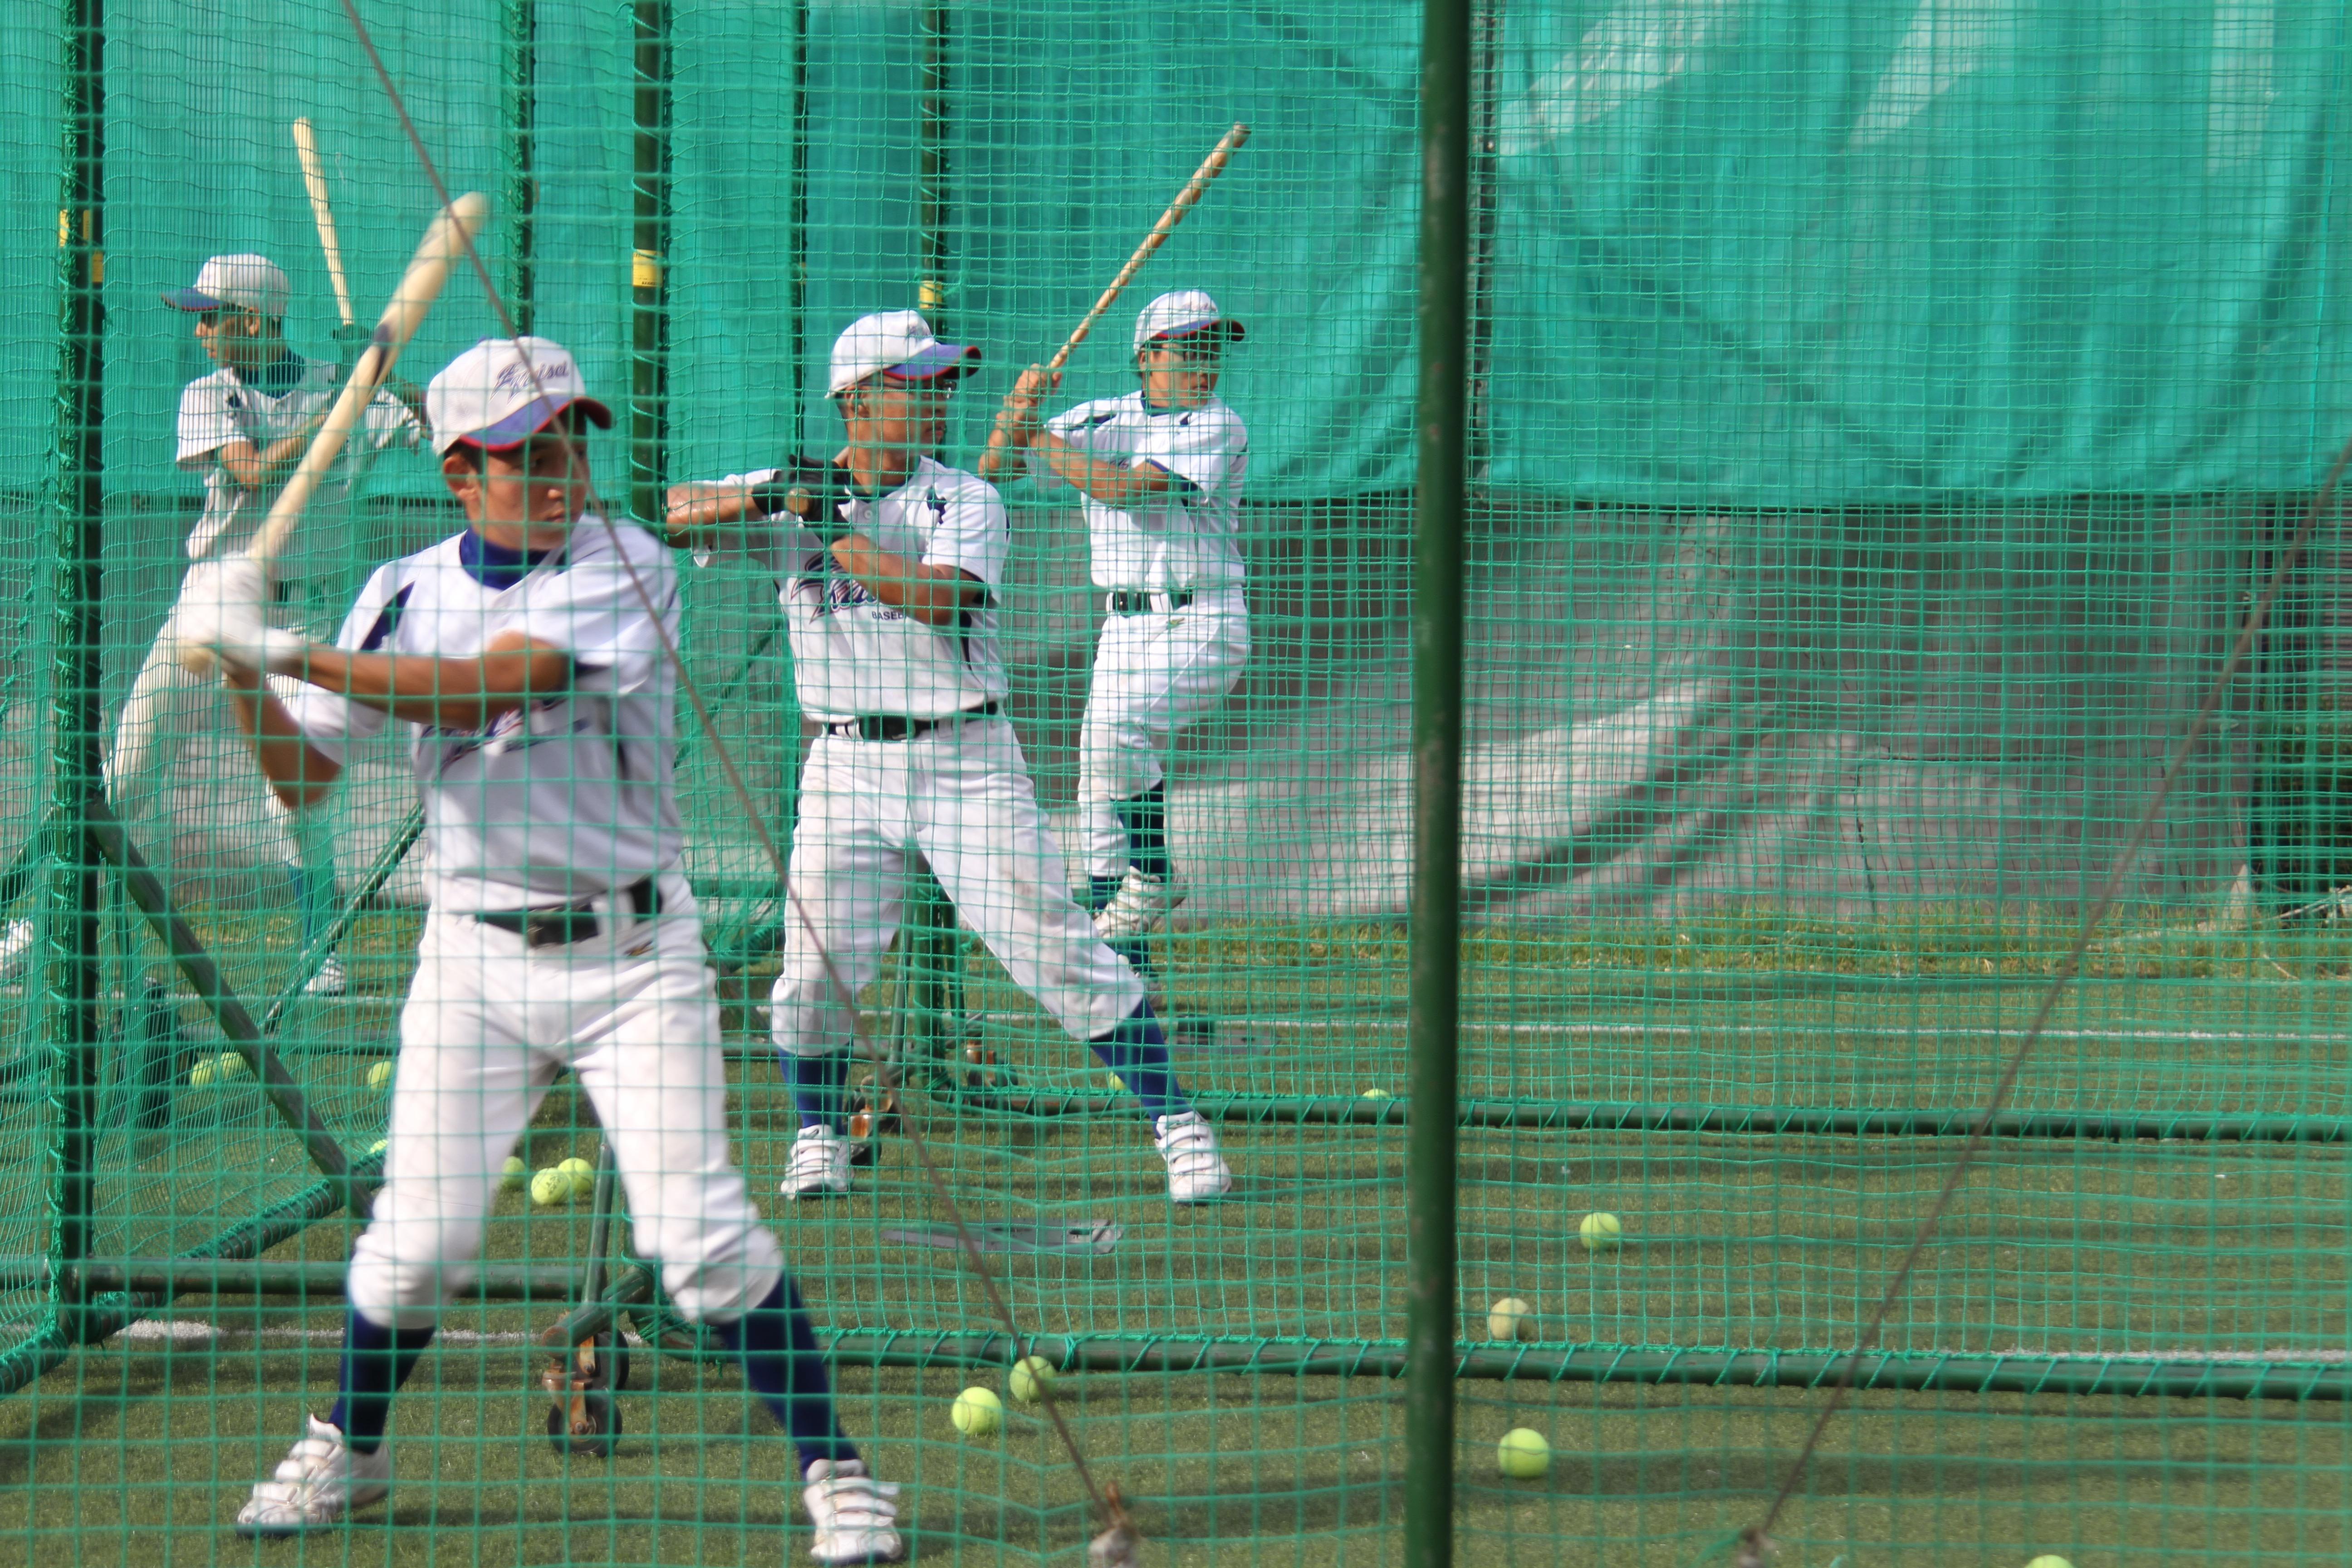 【逗子開成 野球部】多種多様な打撃練習